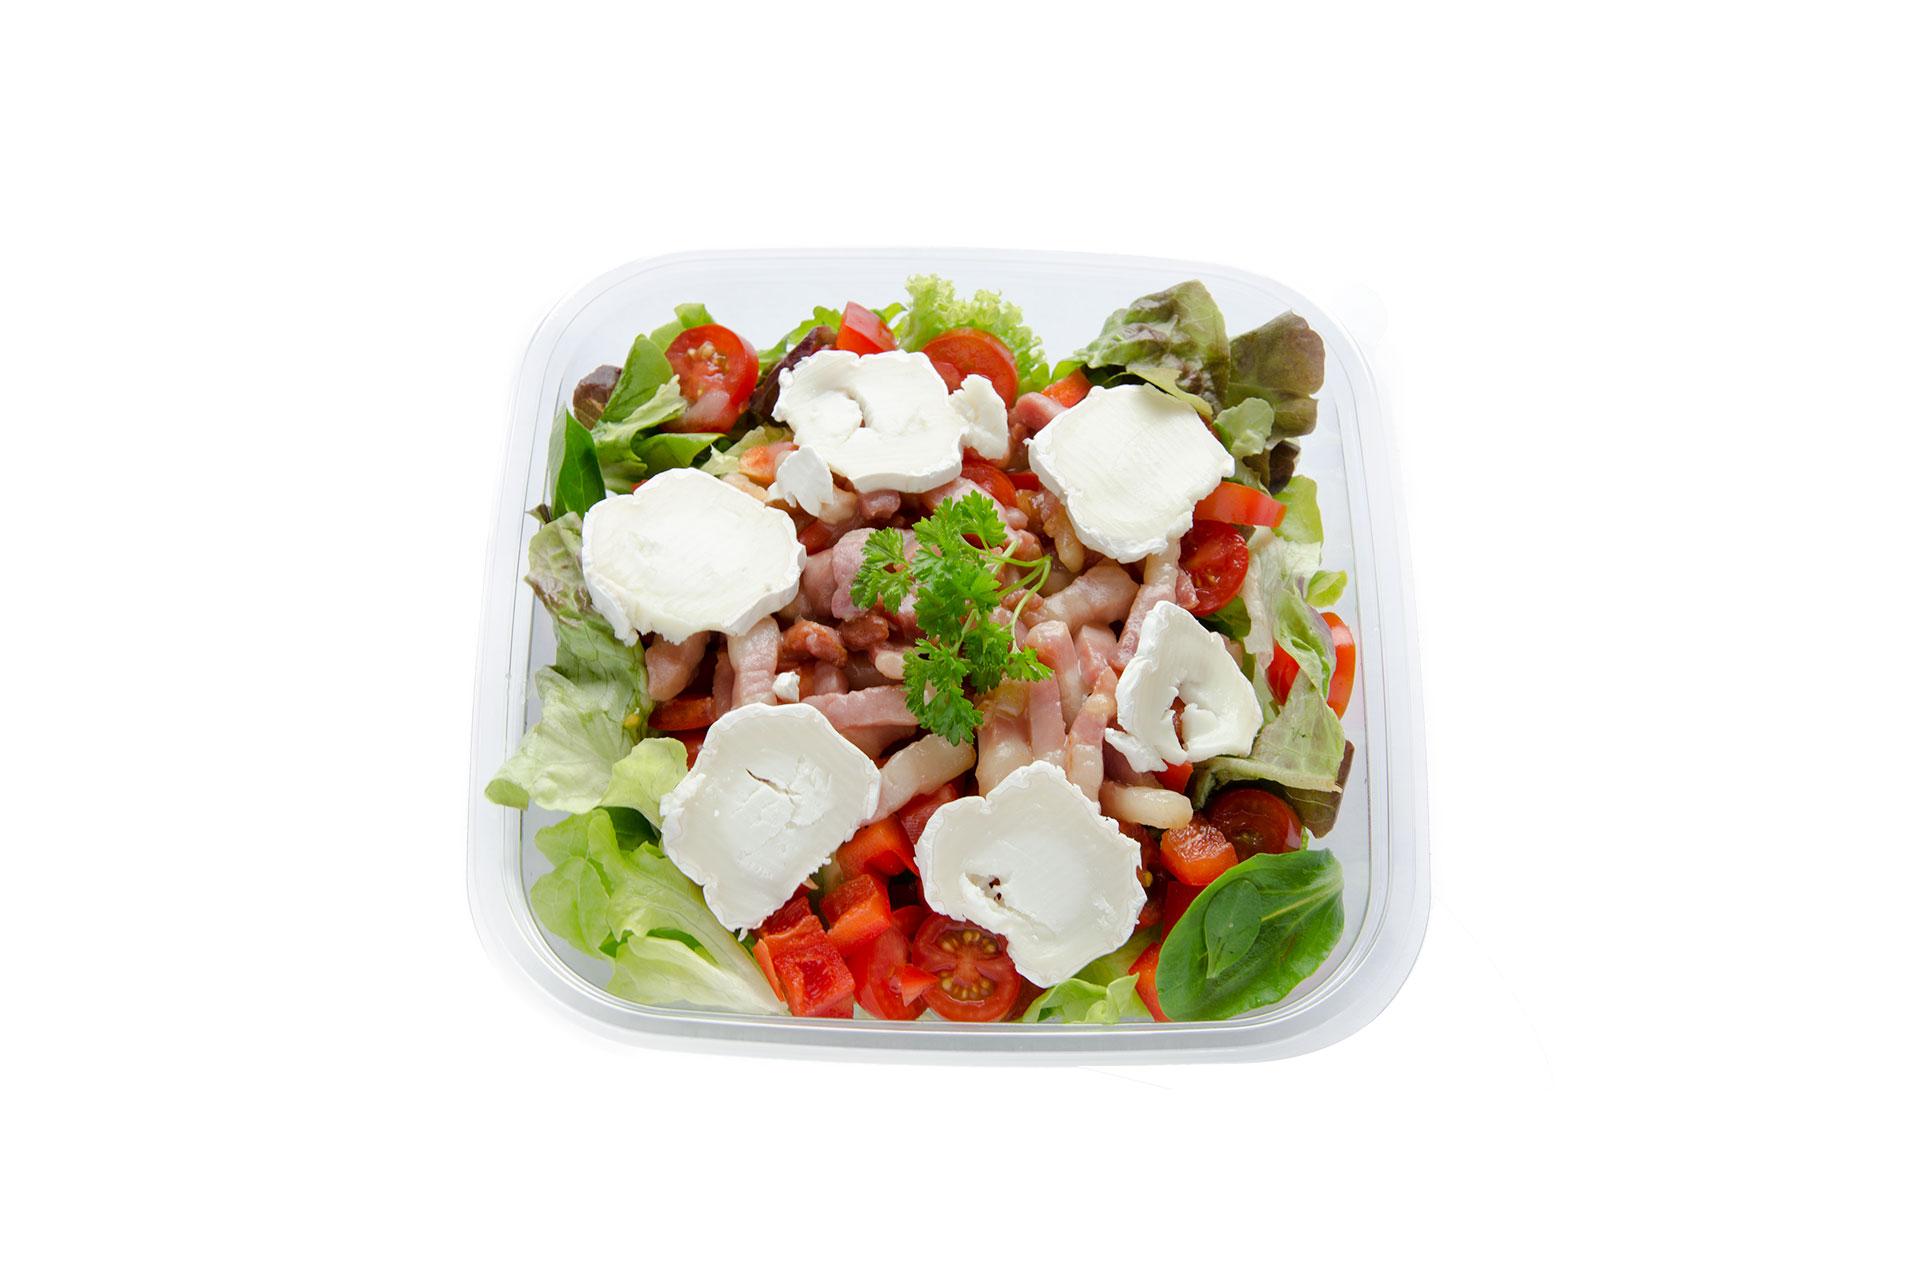 salade14